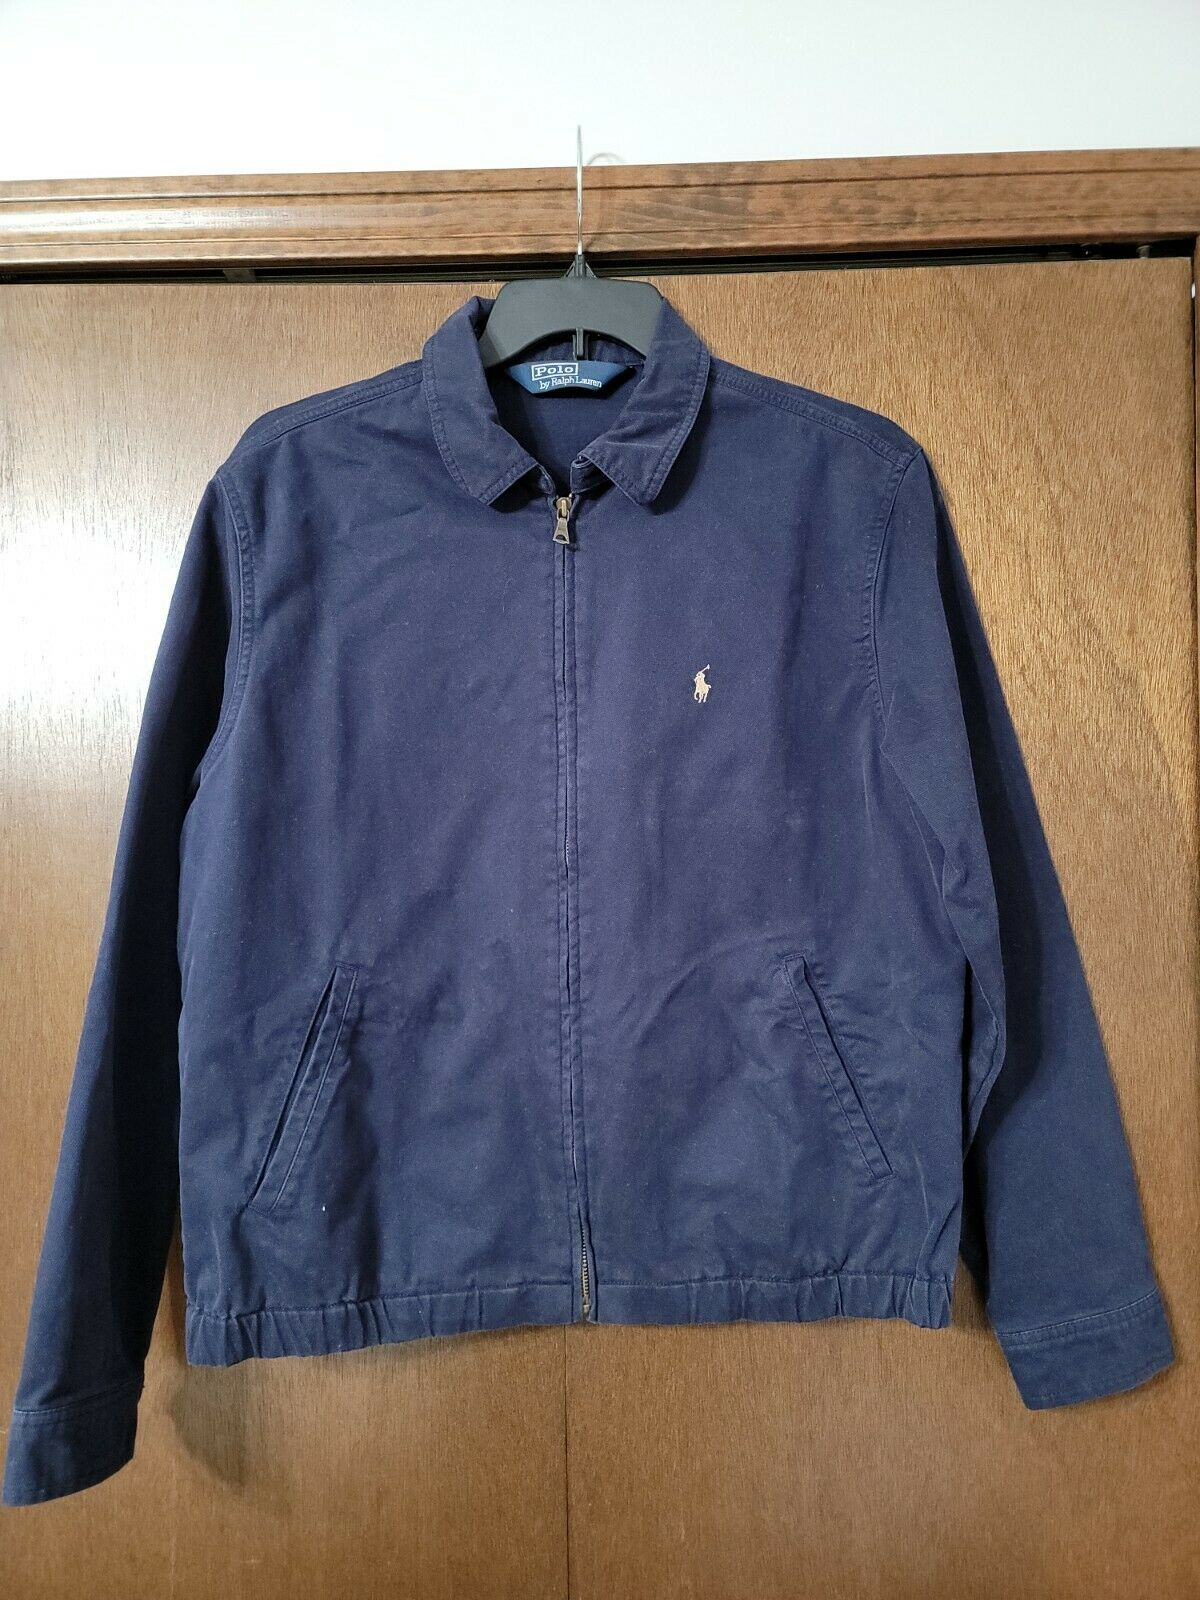 Ralph Lauren Vintage Jacket - image 1